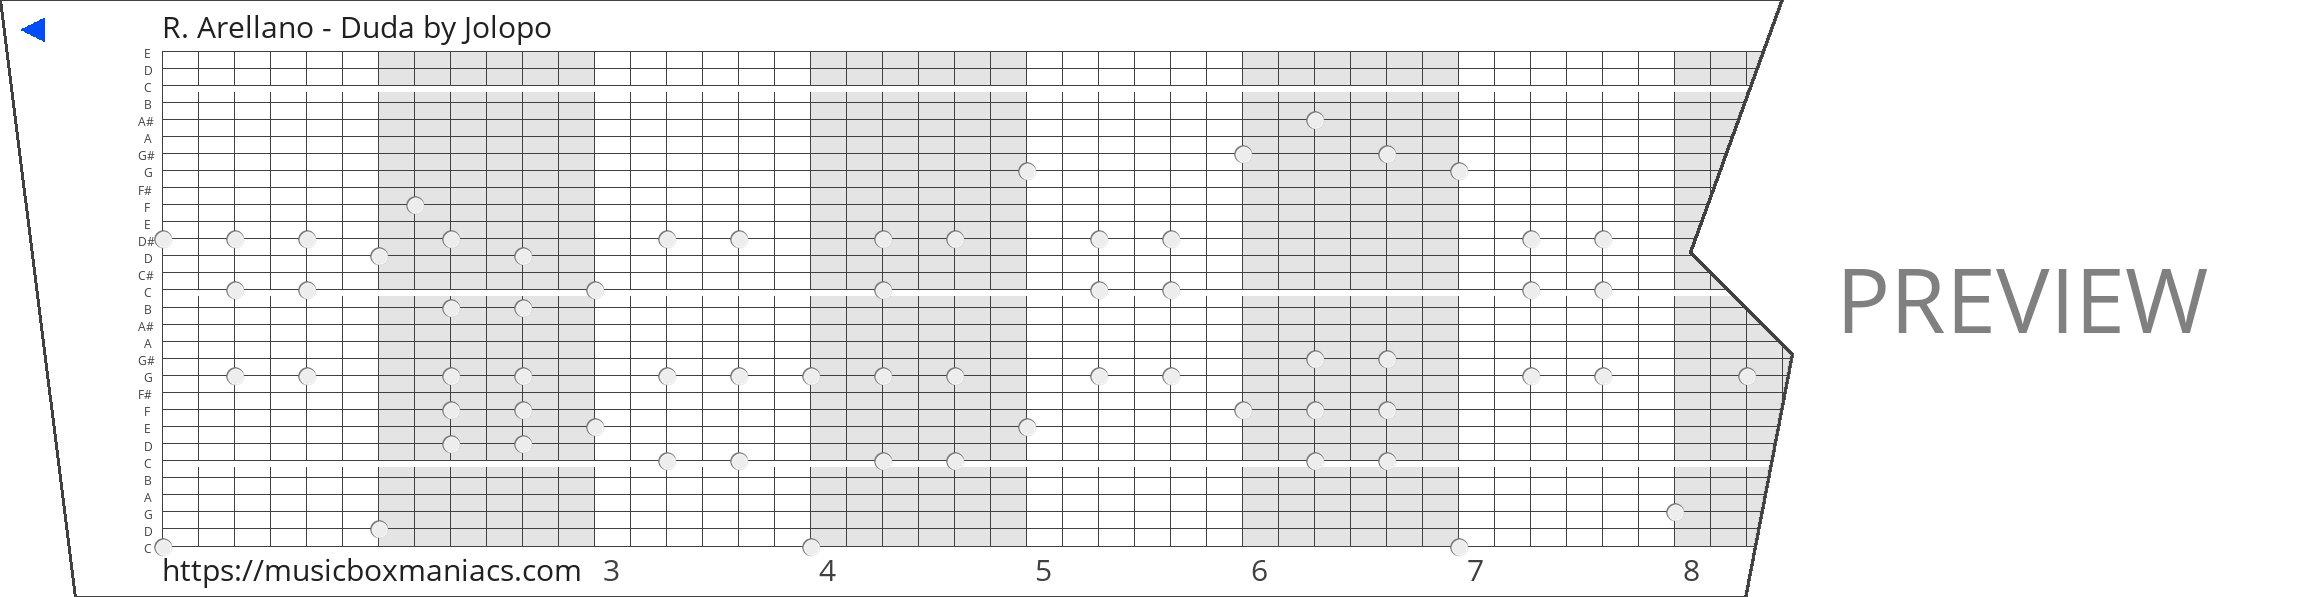 R. Arellano - Duda 30 note music box paper strip